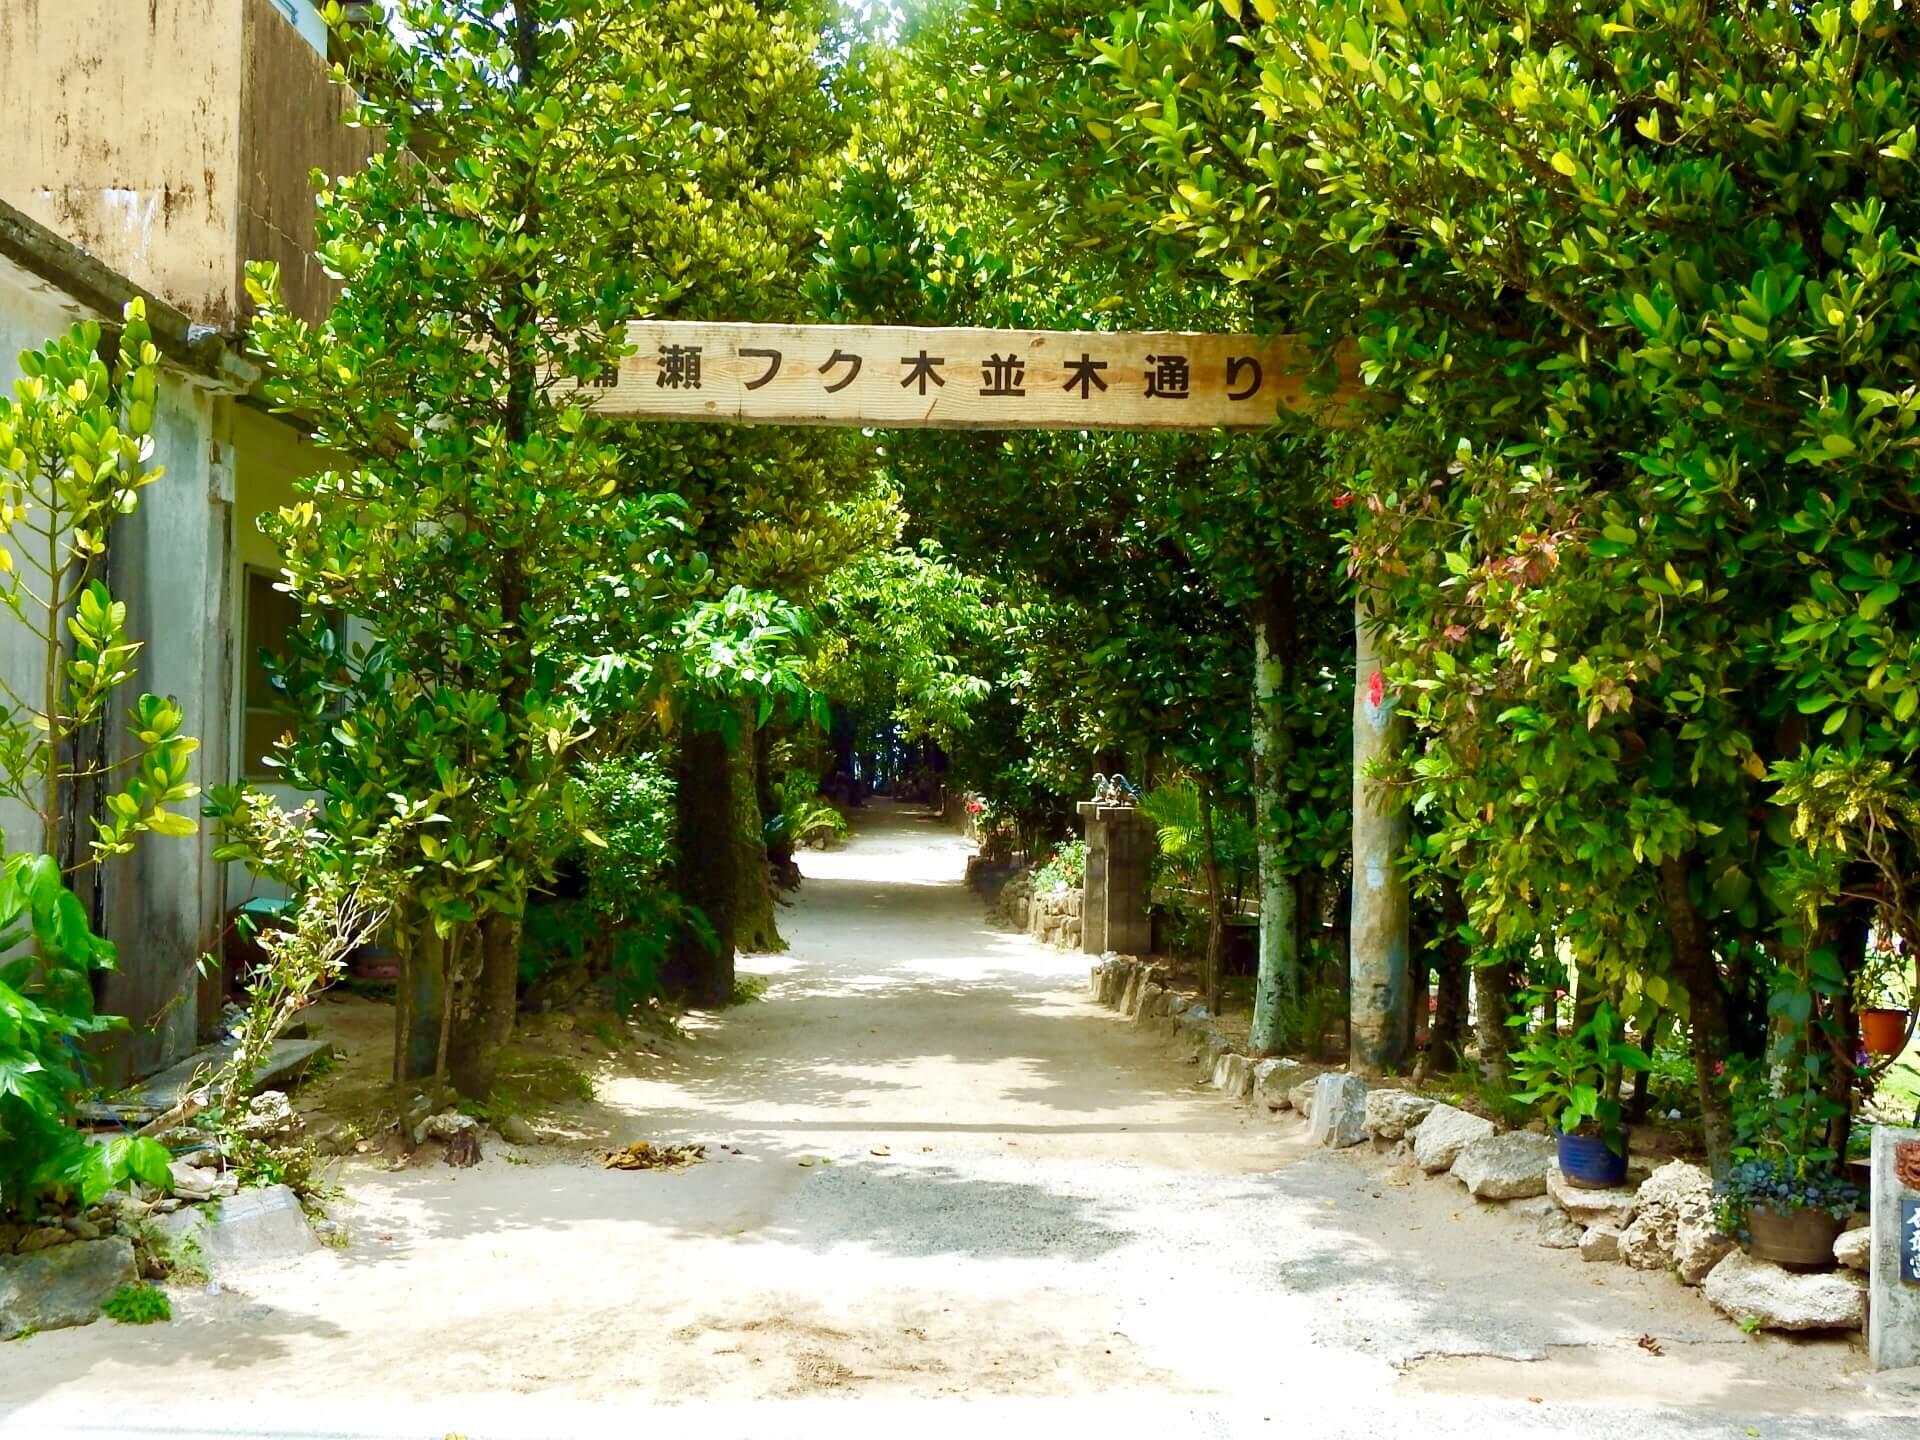 備瀬海岸 | 沖縄観光情報ガリンペイロ